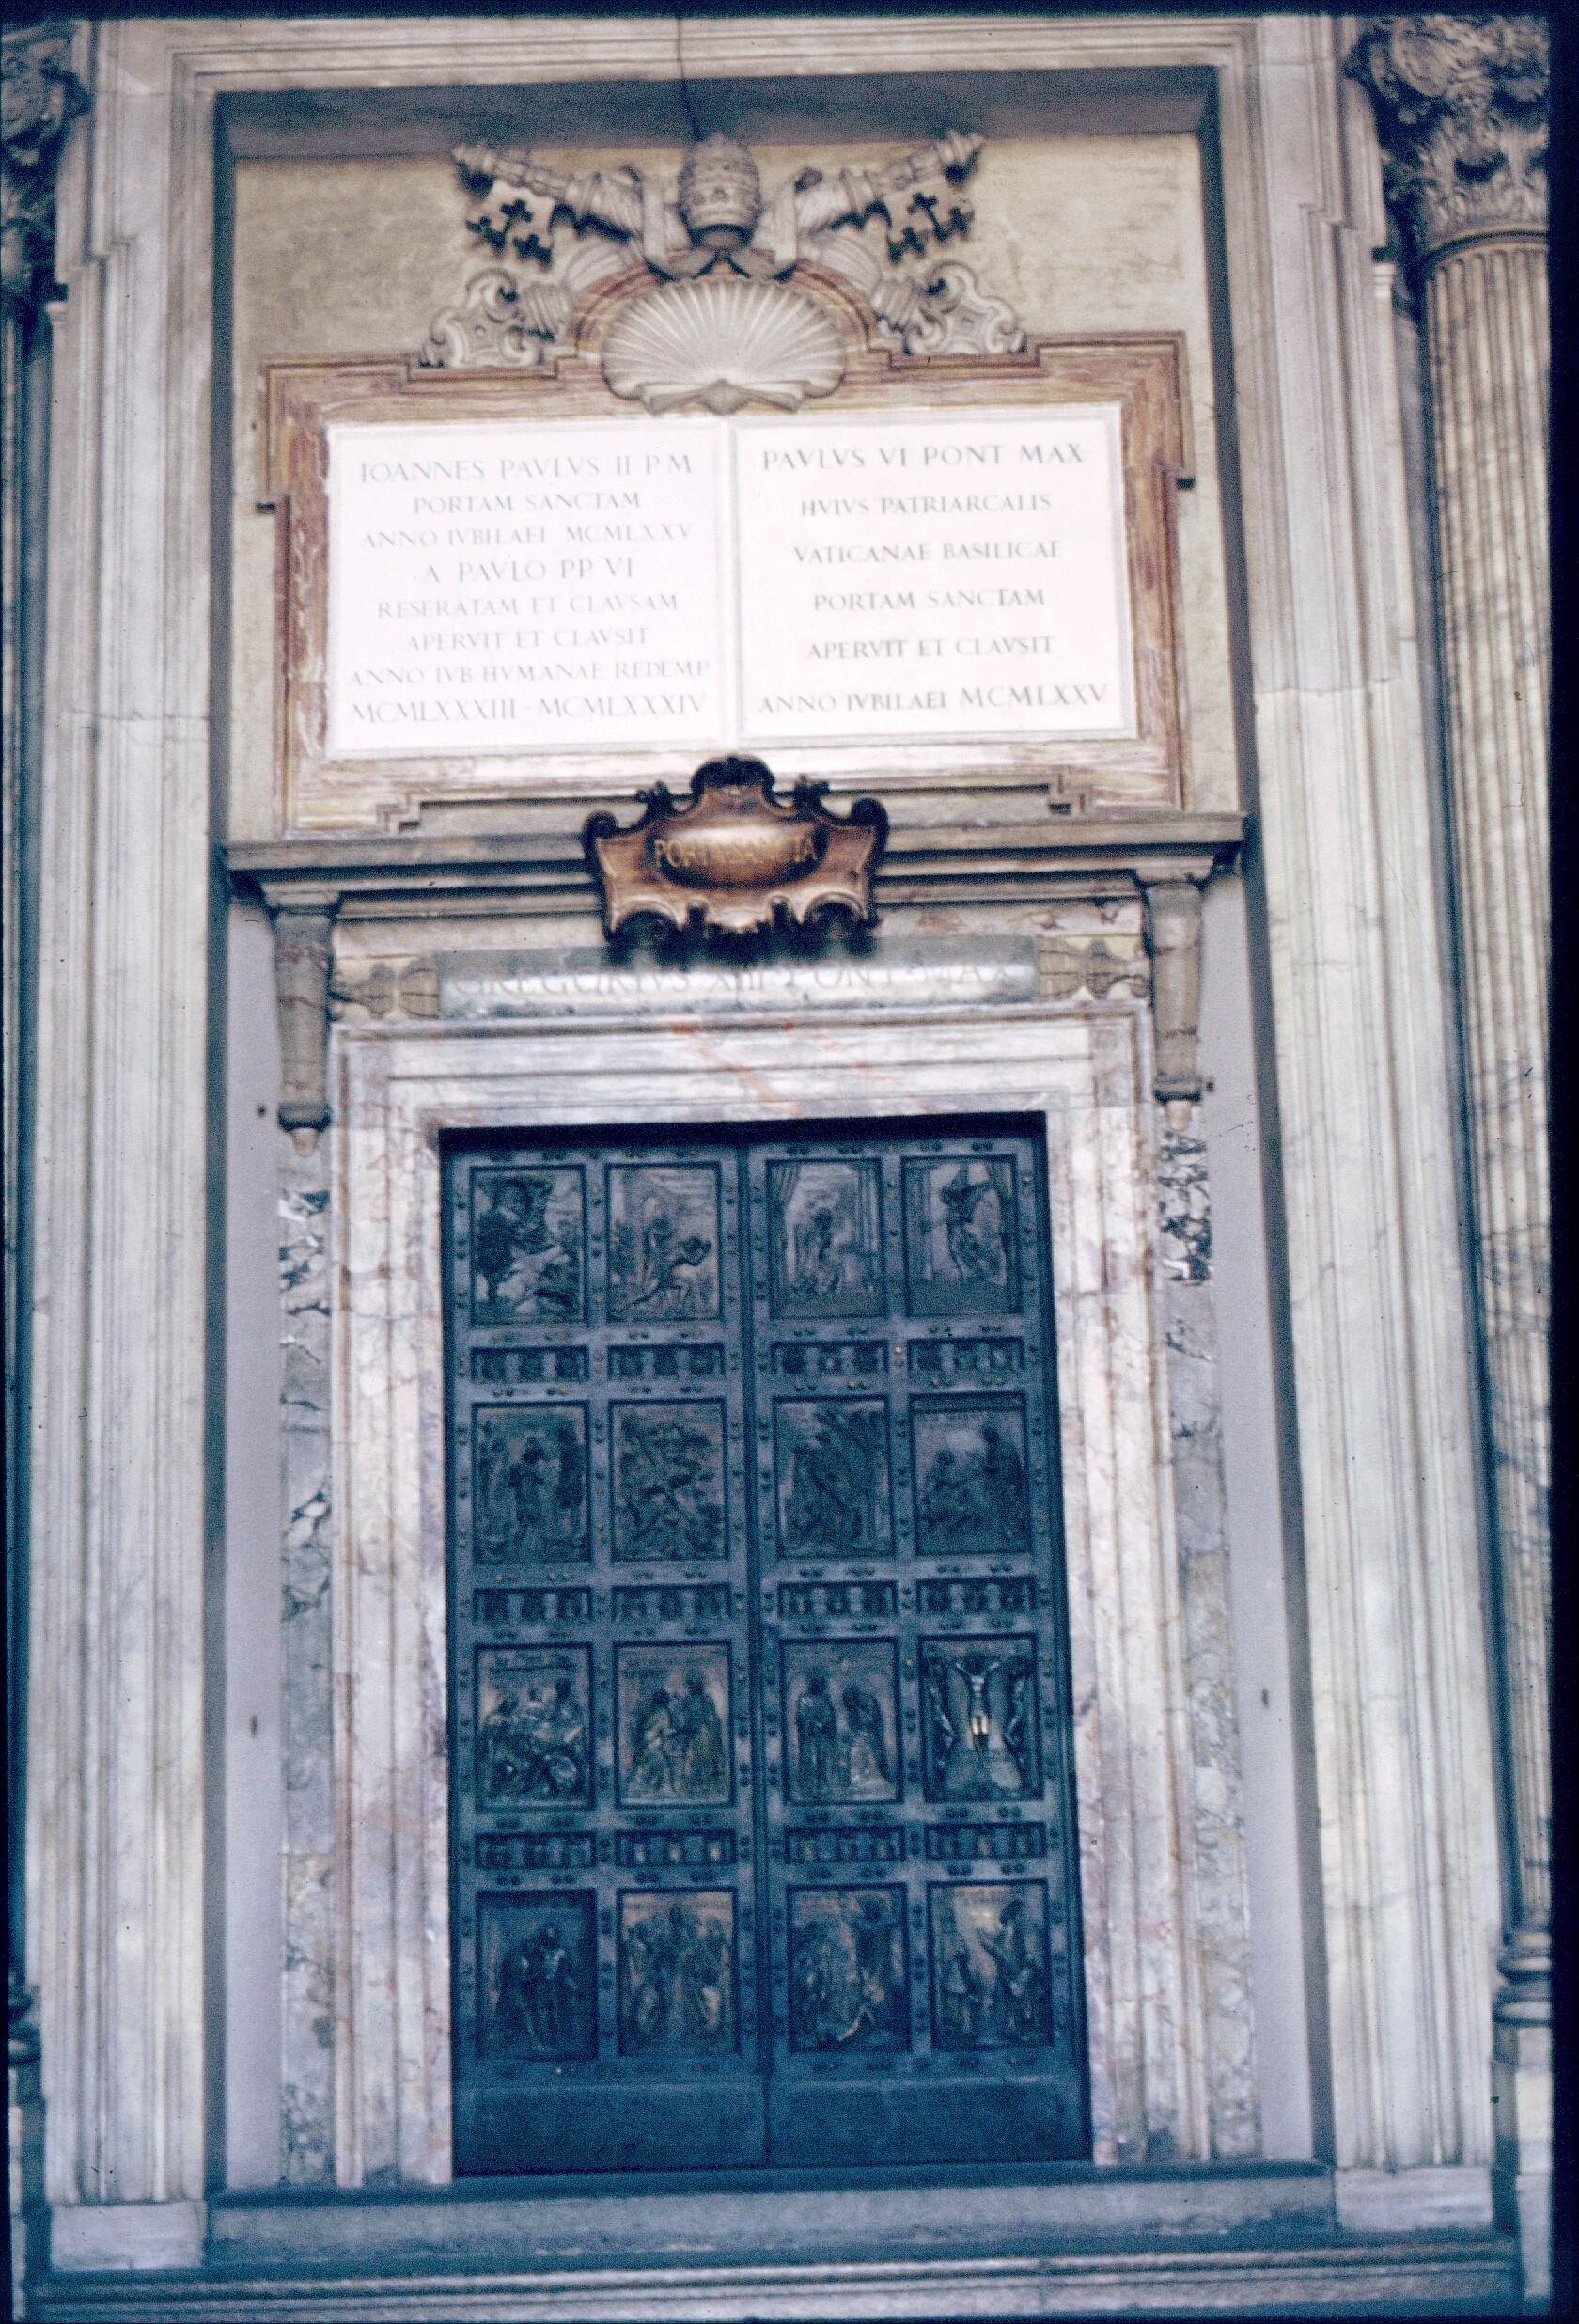 Roma - Immagini porta santa ...